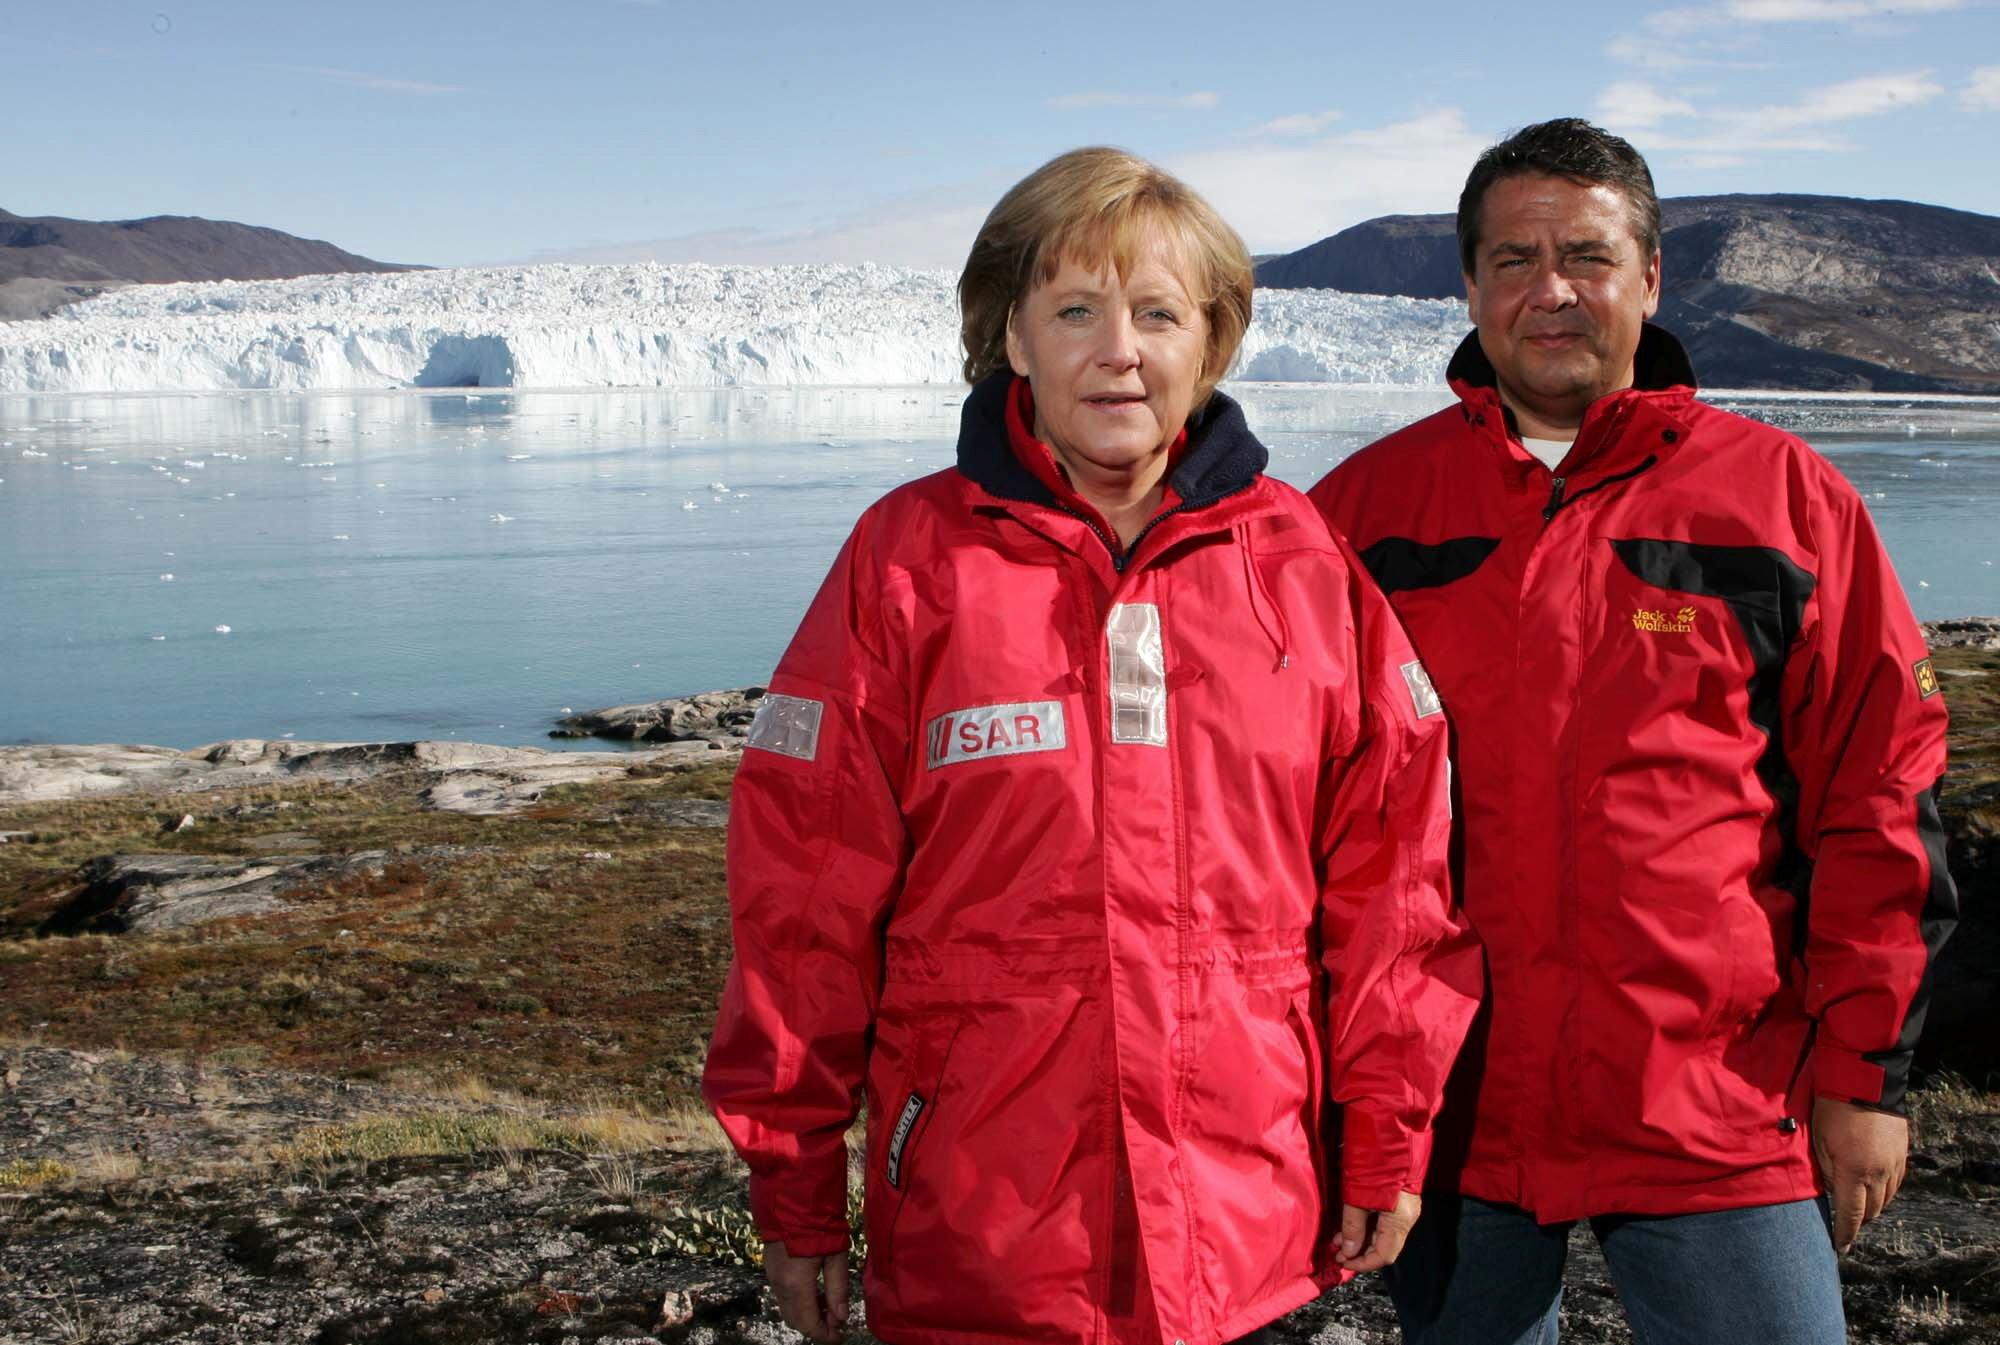 Bundeskanzlerin Angela Merkel (CDU) und der damalige Bundesumweltminister Sigmar Gabriel (SPD), aufgenommen am 17. August 2007 vor dem Eqi Gletscher bei Ilulissat in Grönland: Umweltschützer fordern Merkel auf, wieder zur Klimakanzlerin zu werden. Der Meeresspiegel wird schneller als erwartet steigen. Auch das Ziel, die Erwärmung des Klimas auf zwei Grad zu begrenzen, ist kaum noch zu schaffen.